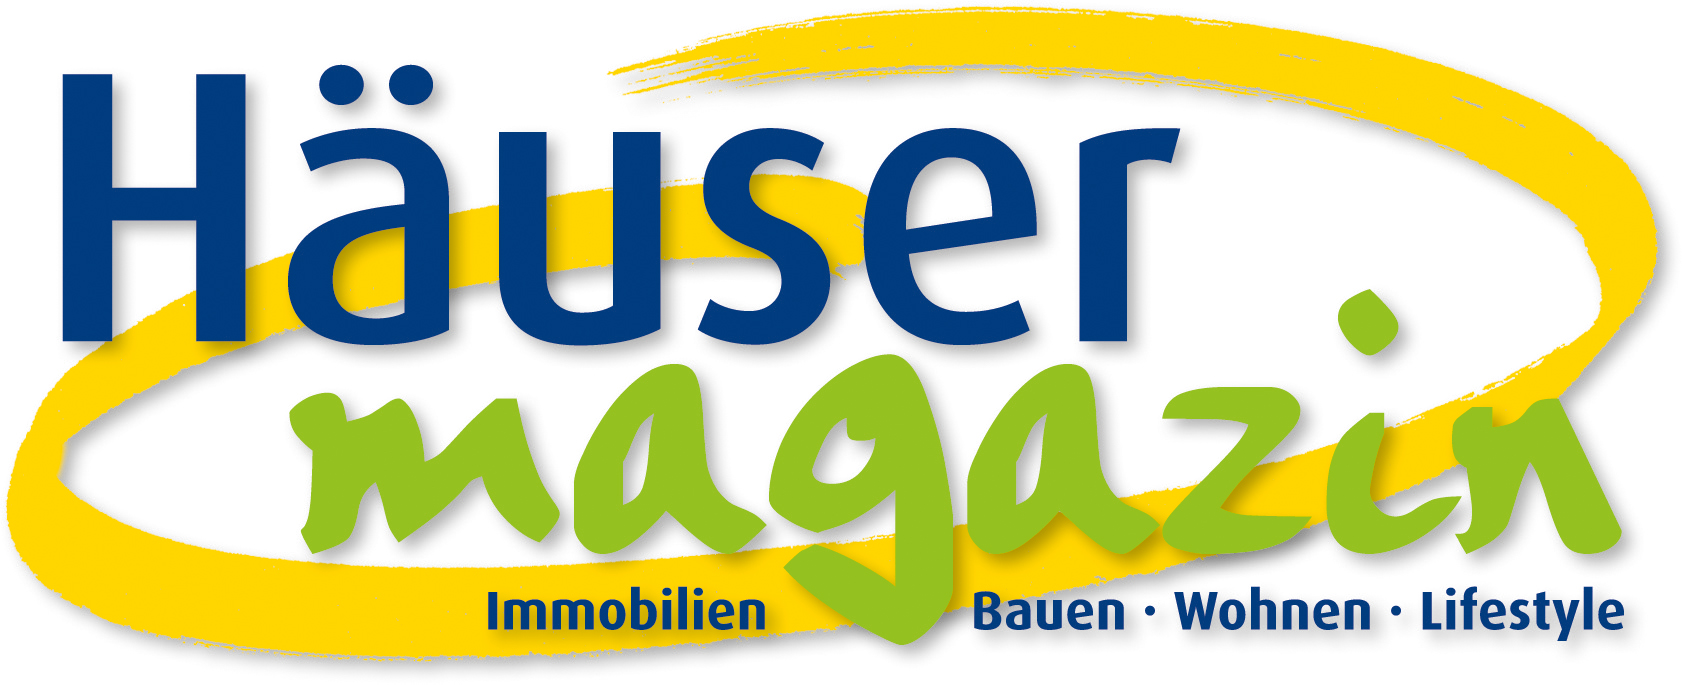 Unser Portfolio - Walz-media.de - Vermarktung von Printanzeigen und ...